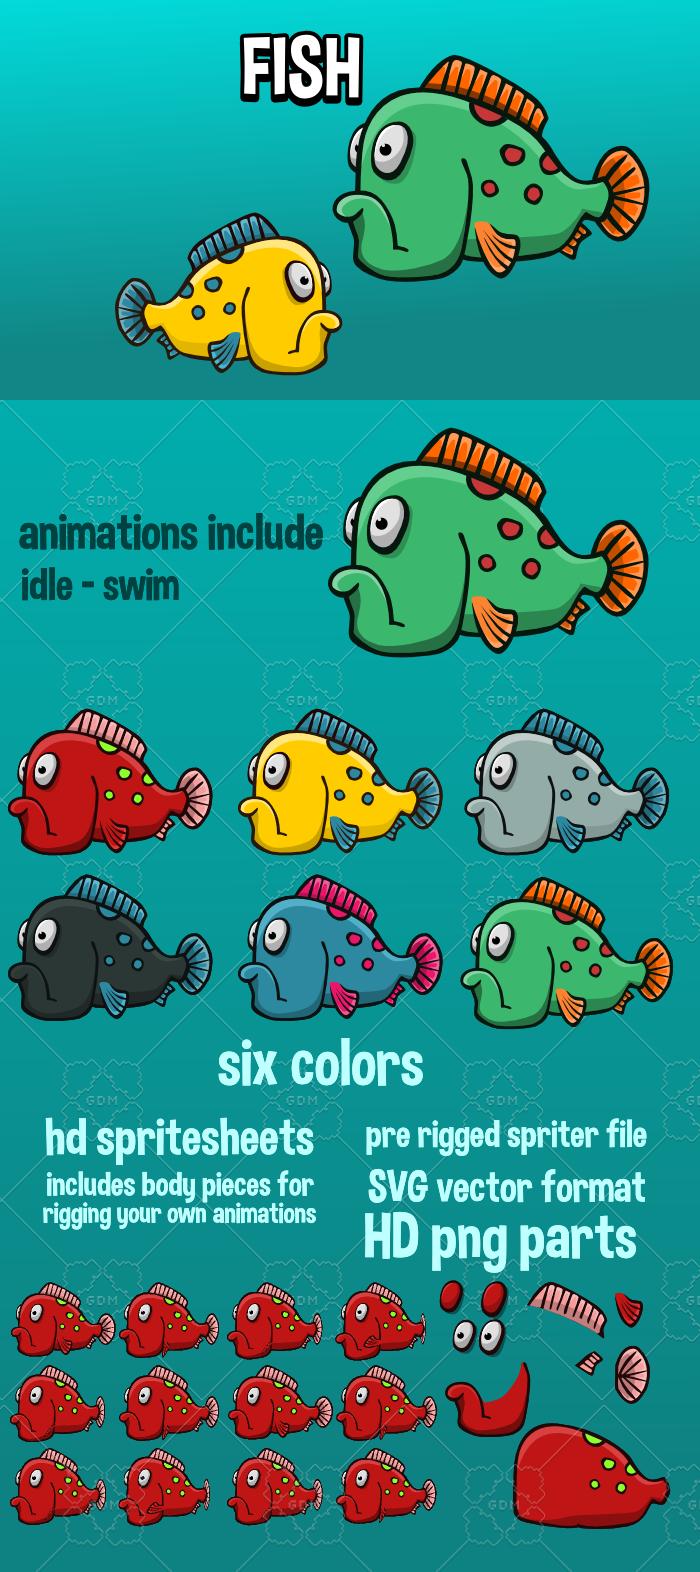 Animated fish 4